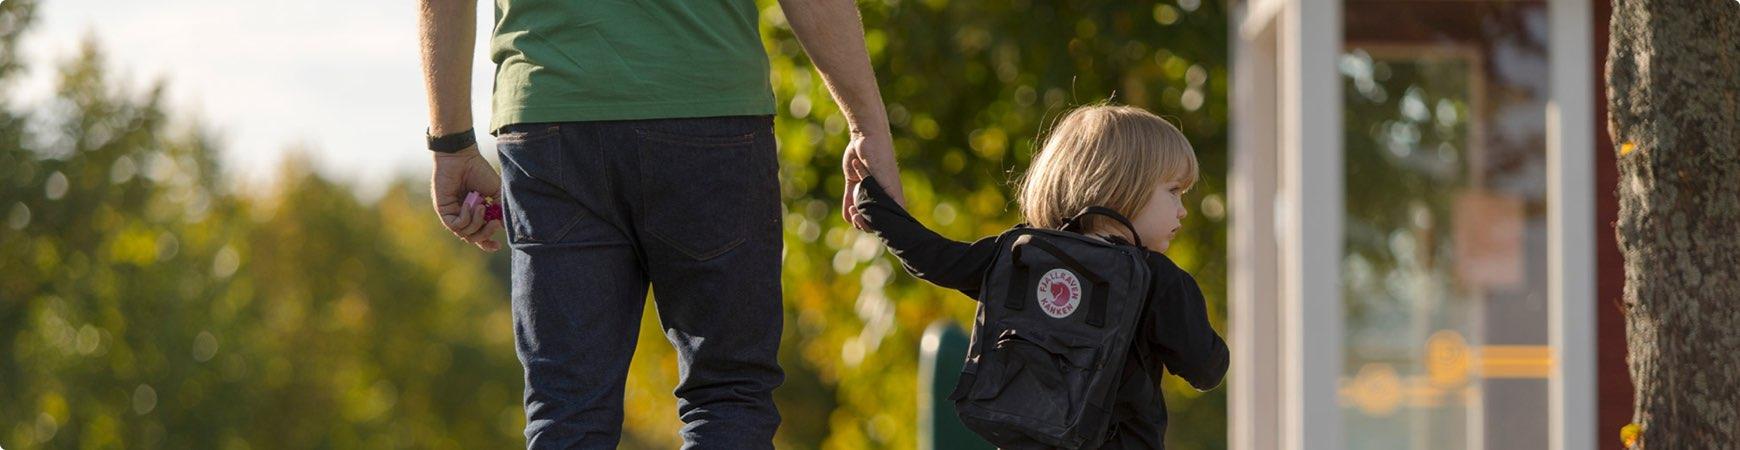 Vuxen och barn håller hand vid busshållplats